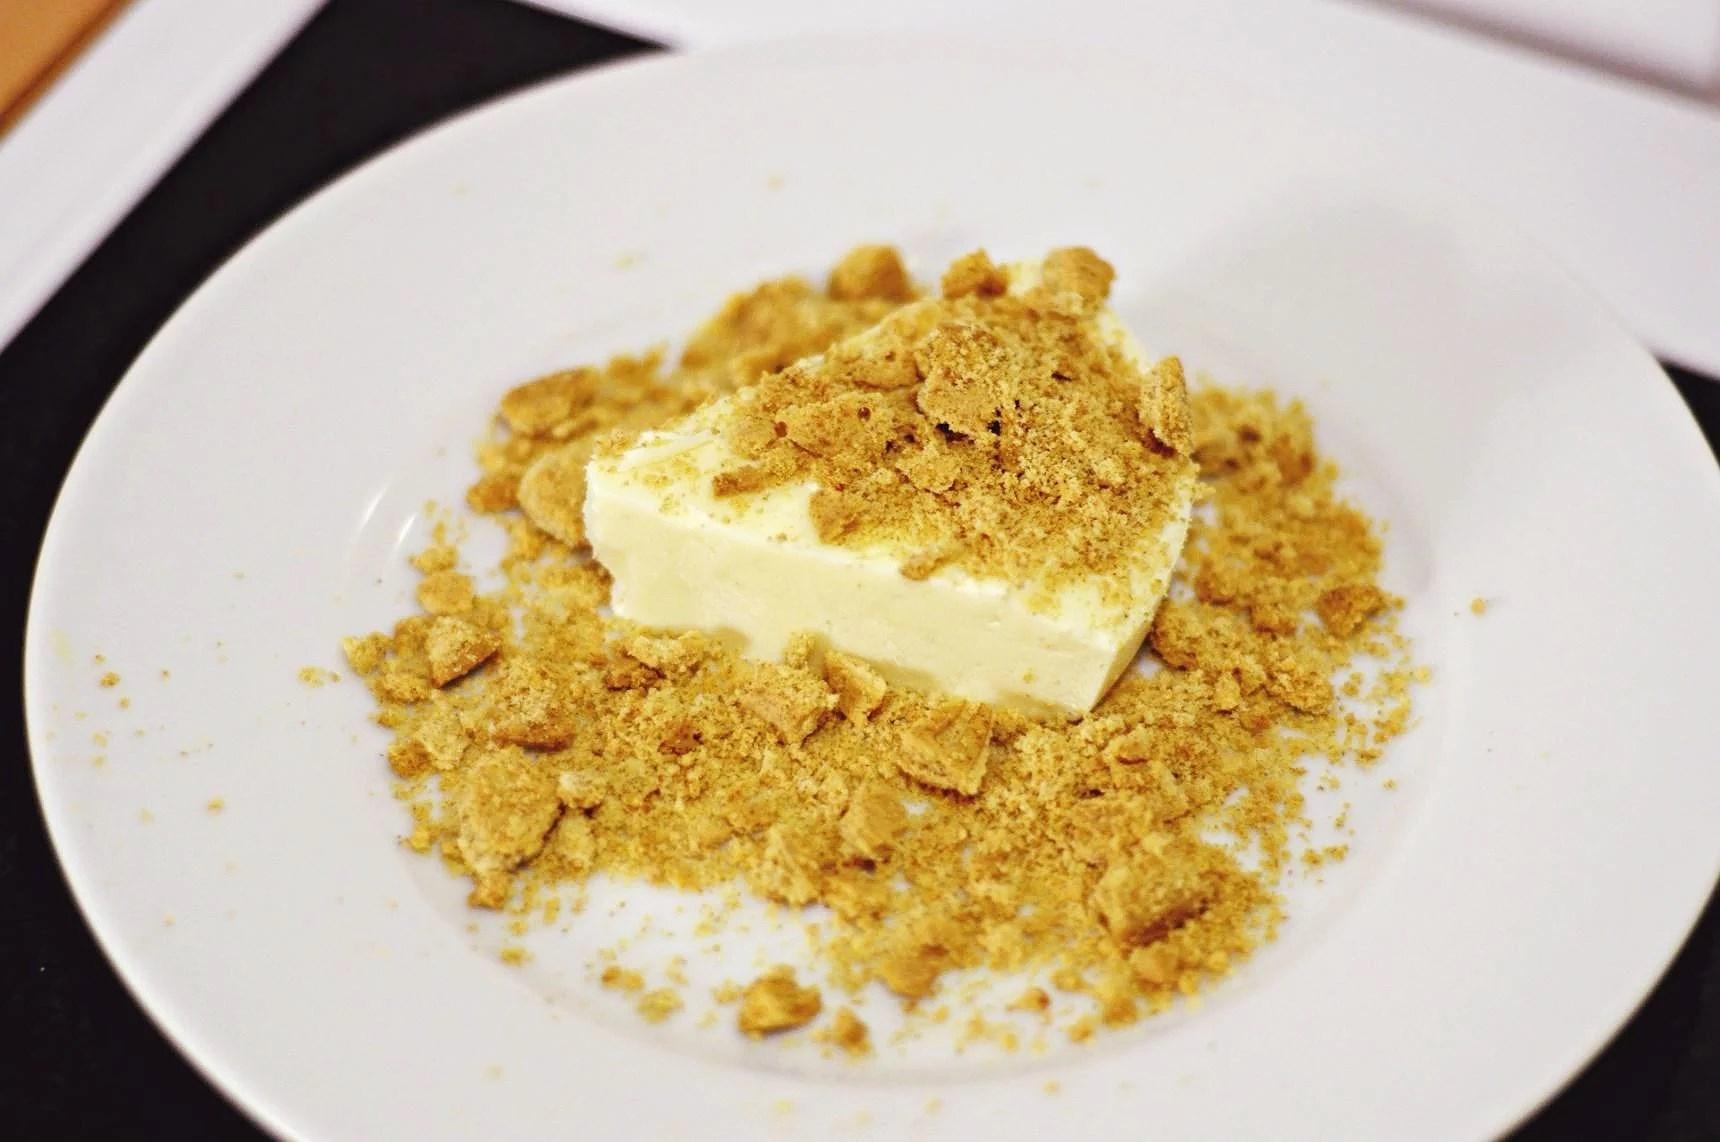 Proteinrik laktosfri cheesecake!